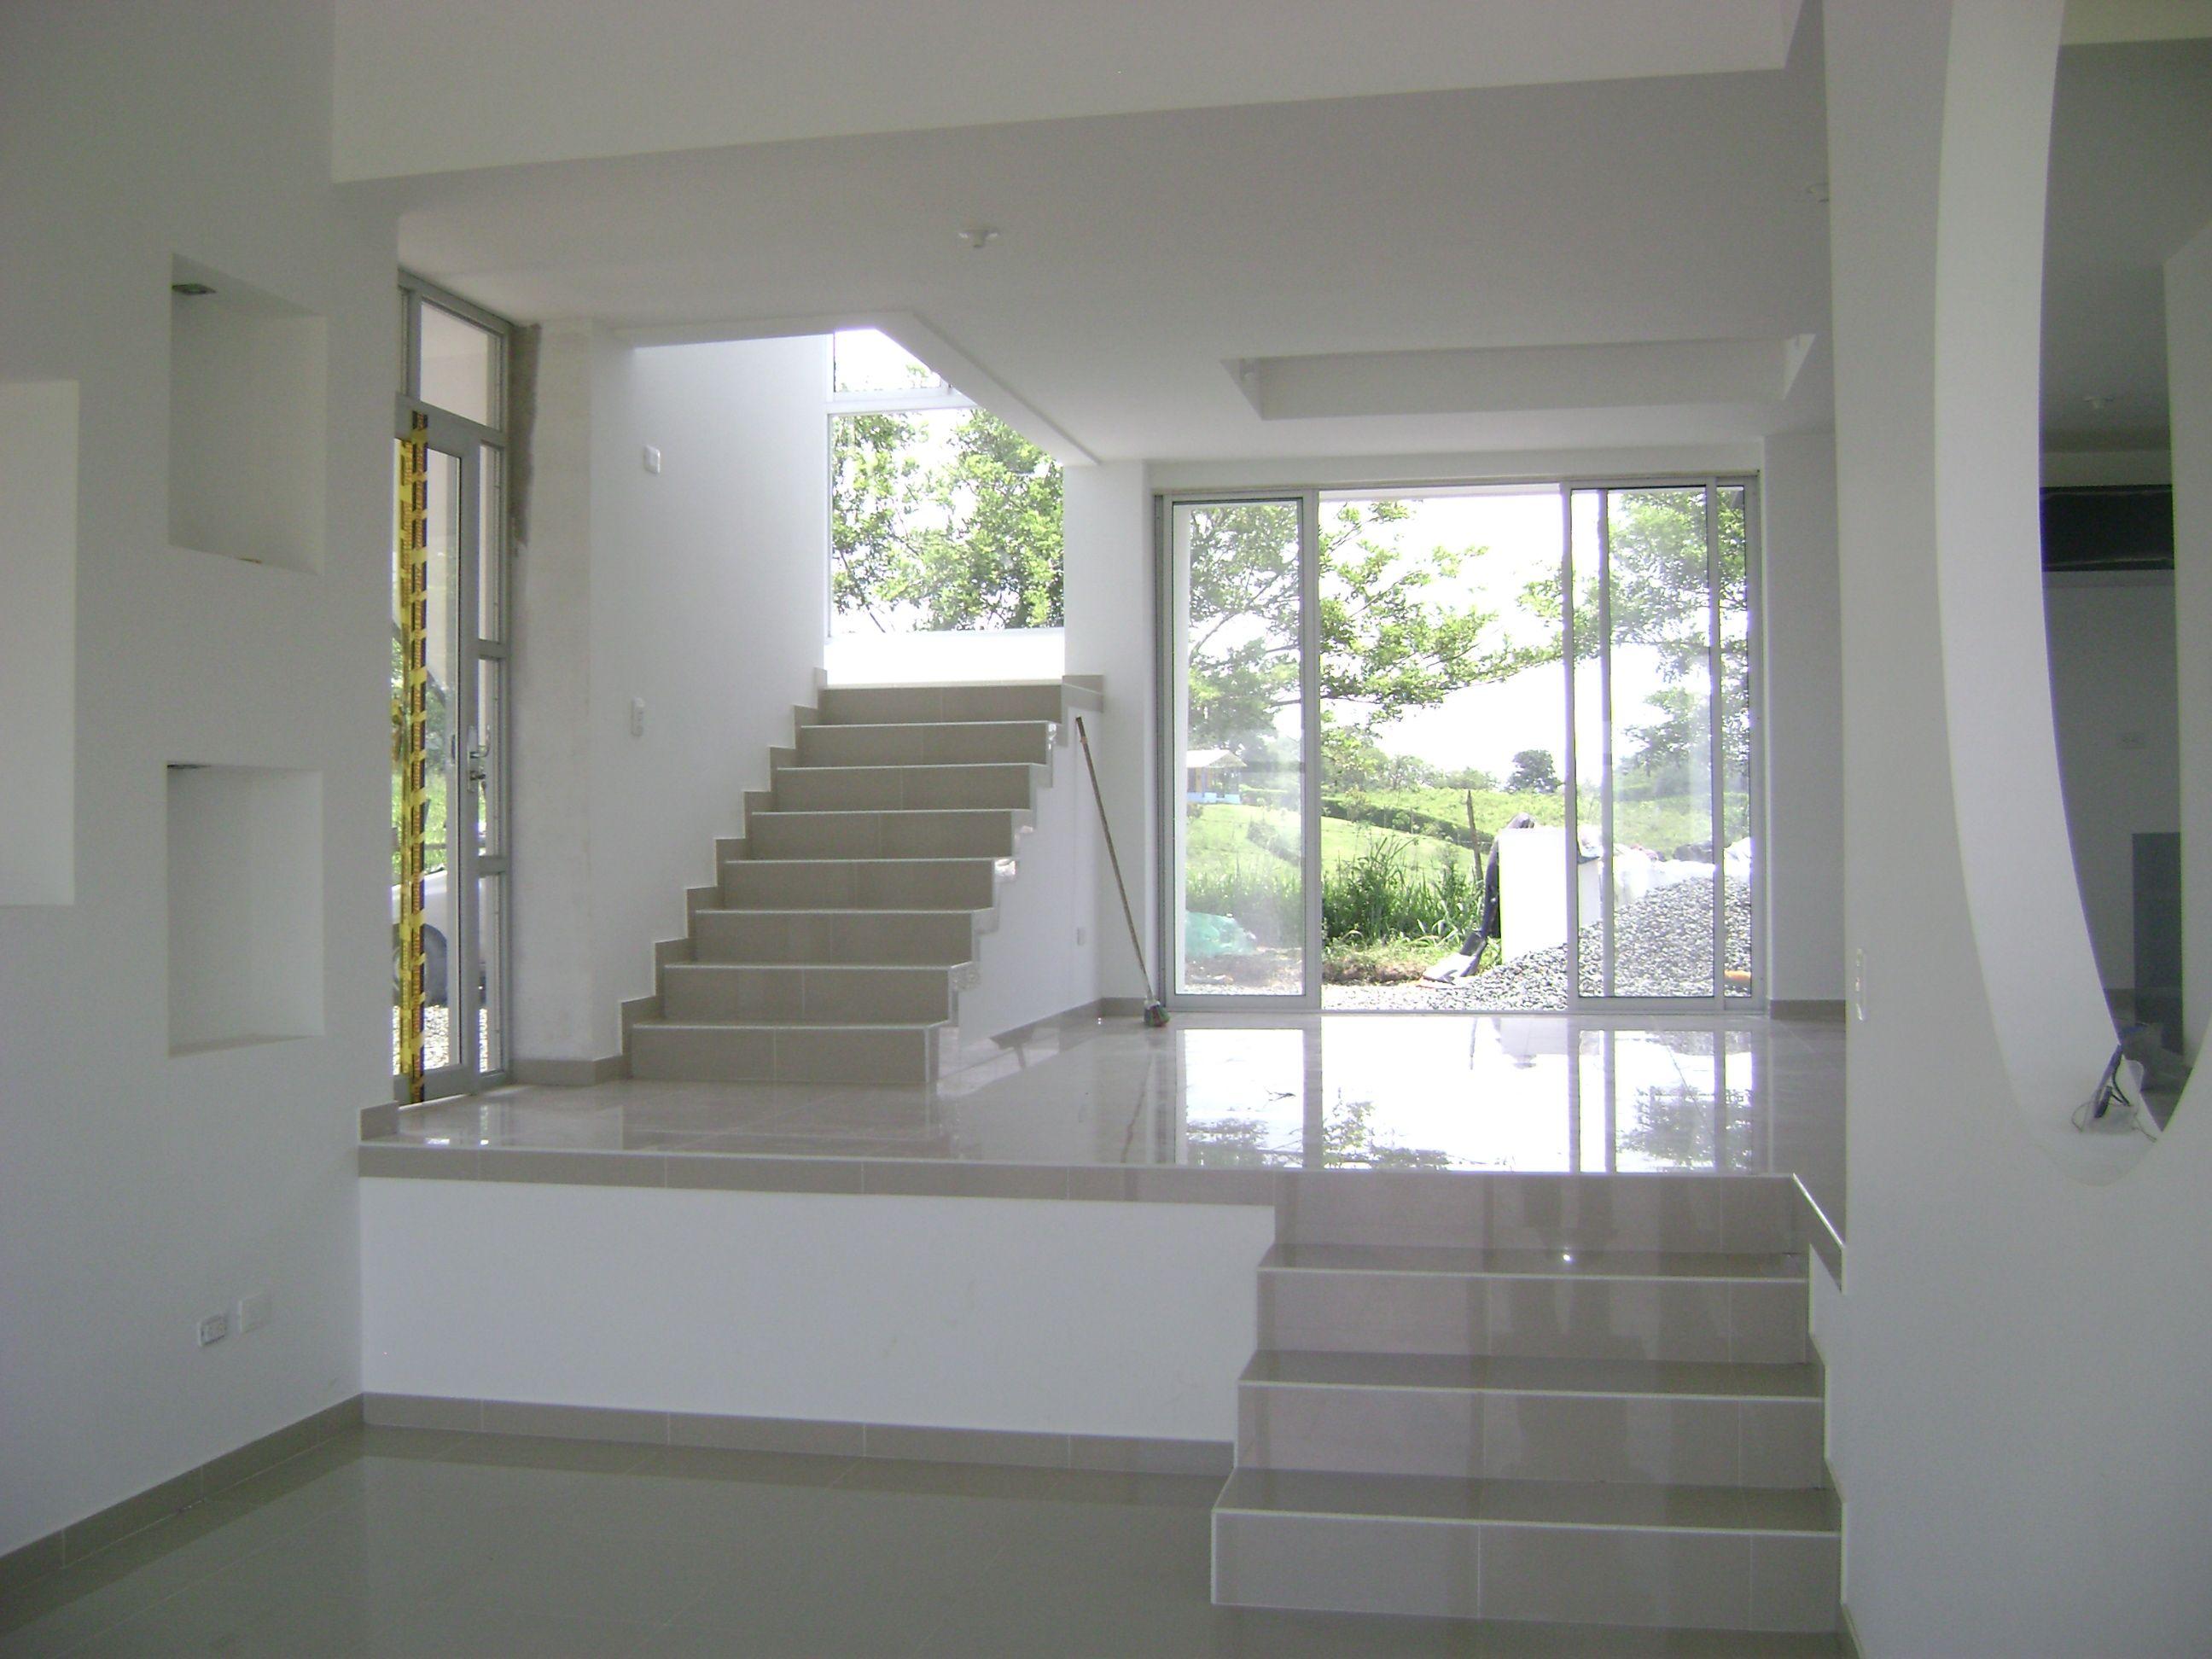 Casa daniel interior integraci n sala comedor acceso y for Salas con escaleras